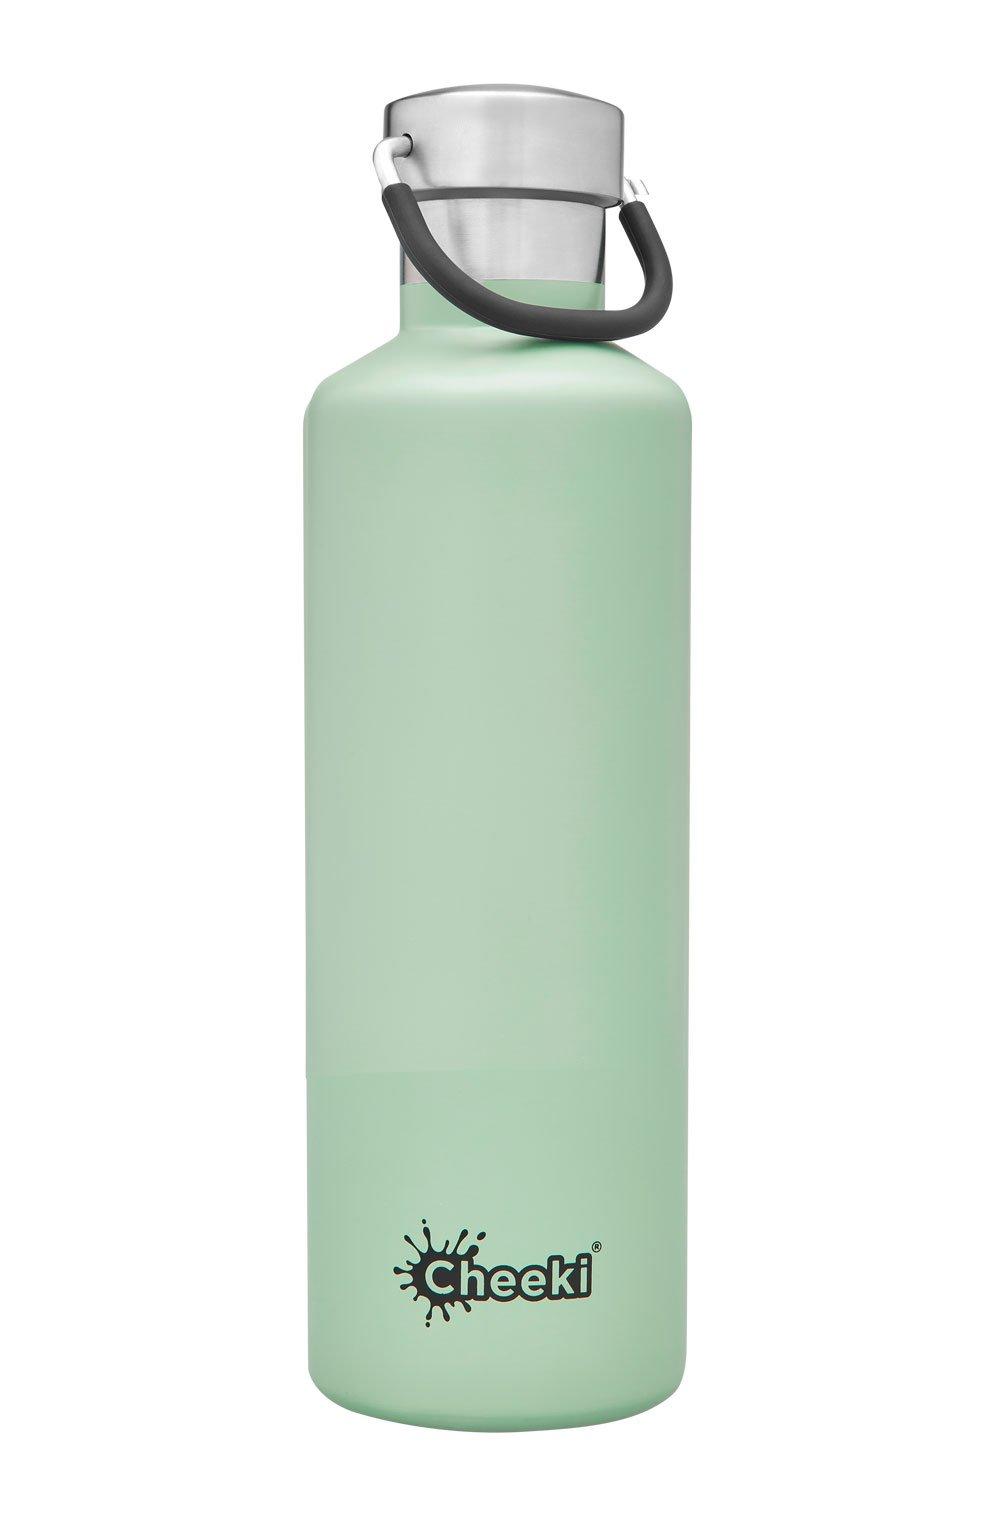 Pistachio 600ml Cheeki Insulated Stainless Steel Bottle